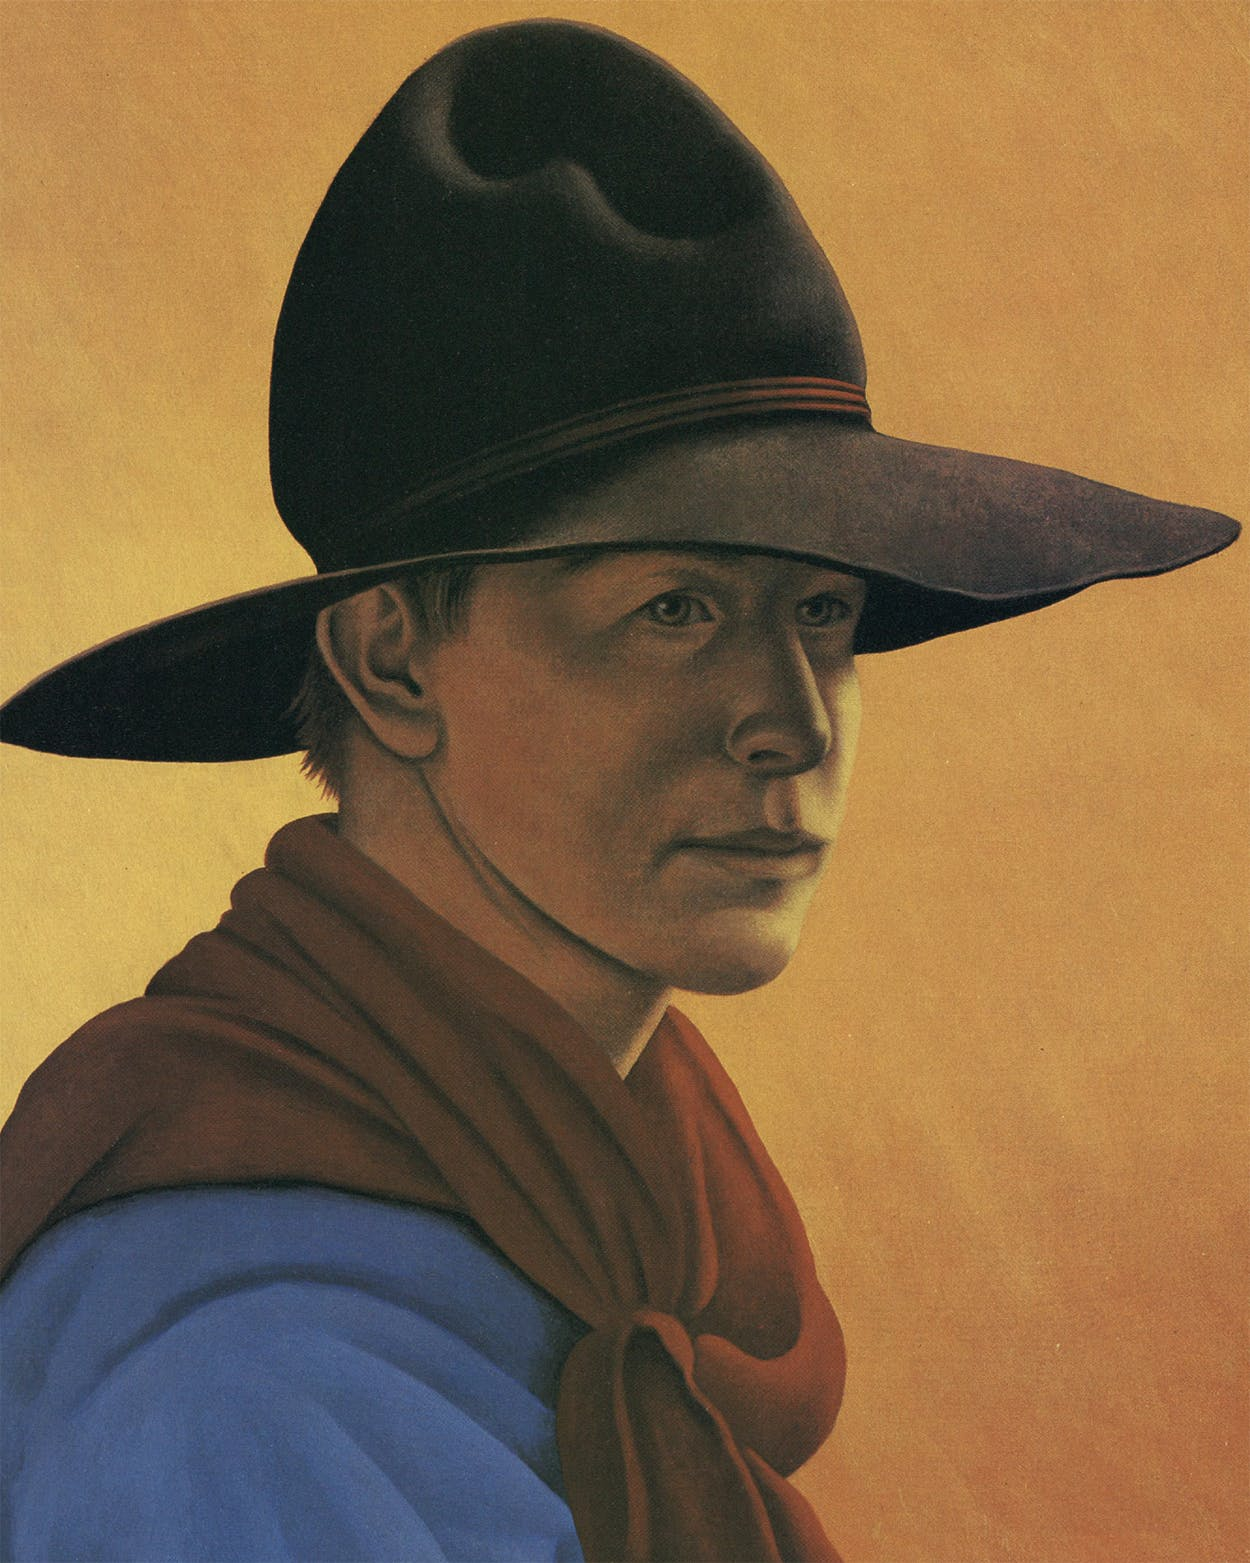 Cowboy Songs Little Joe the Wrangler